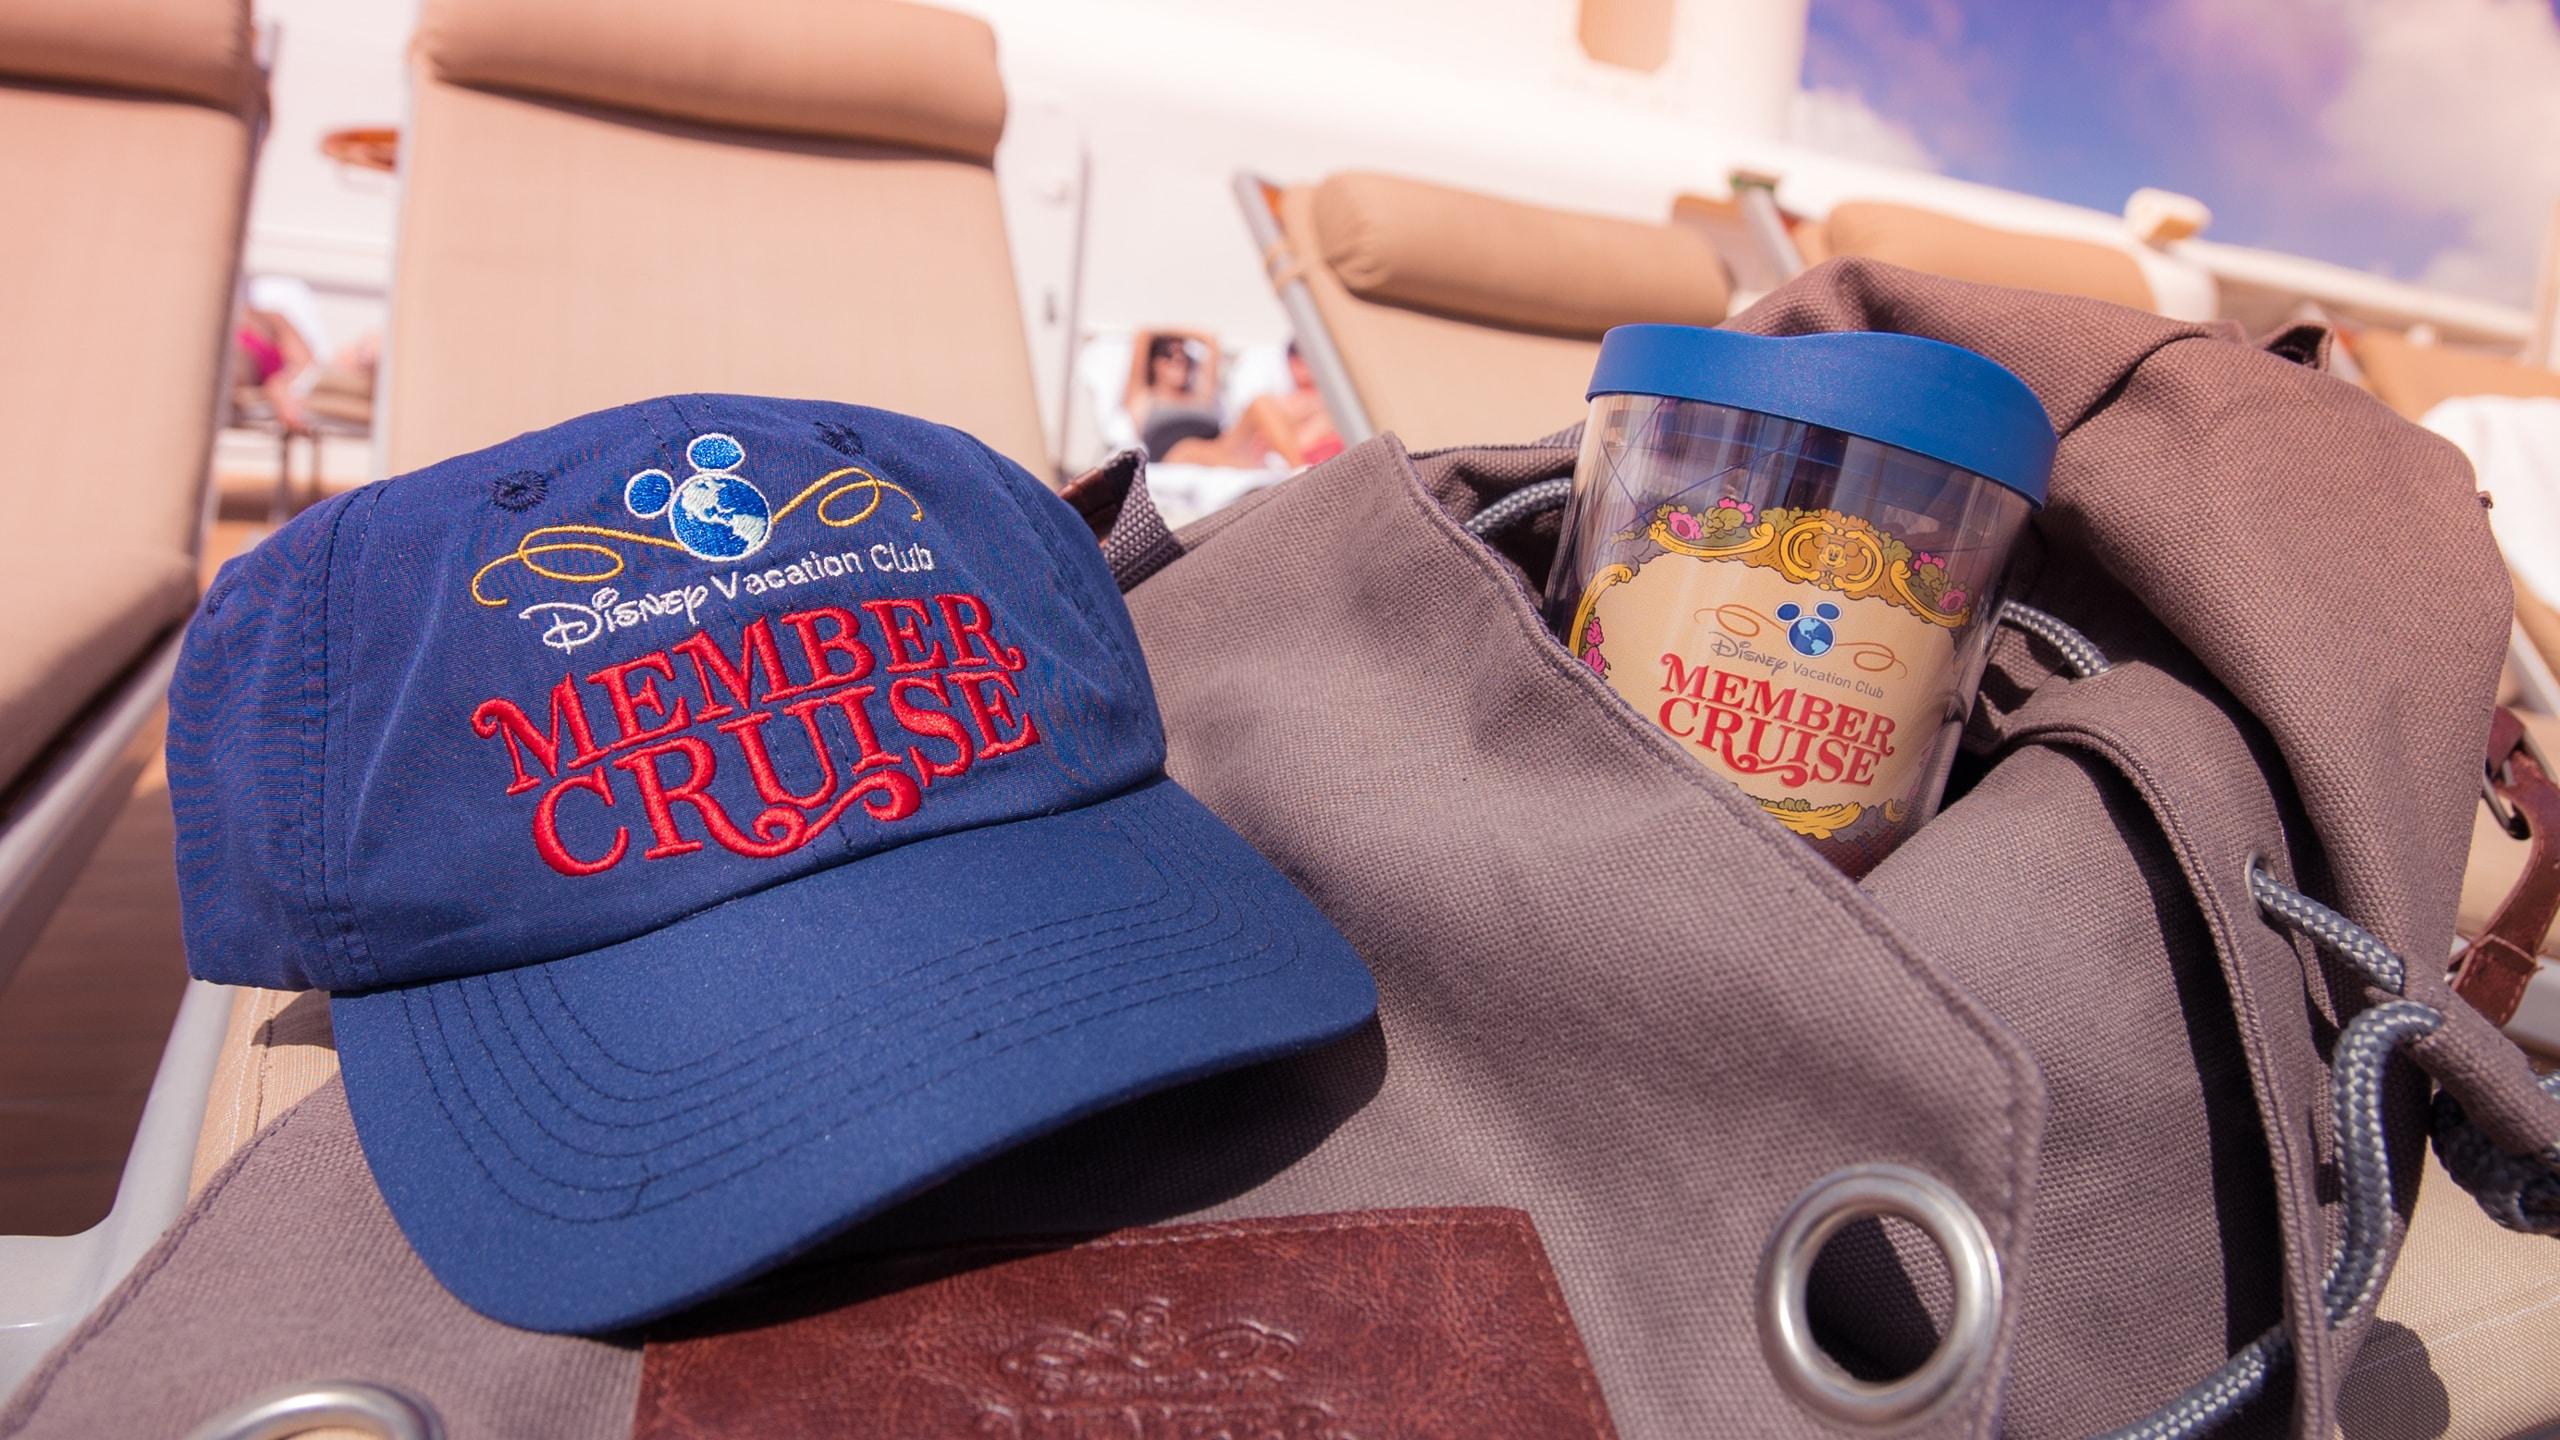 ディズニー・バケーション・クラブ・メンバー・クルーズのロゴが付いたベースボールキャップとタンブラー